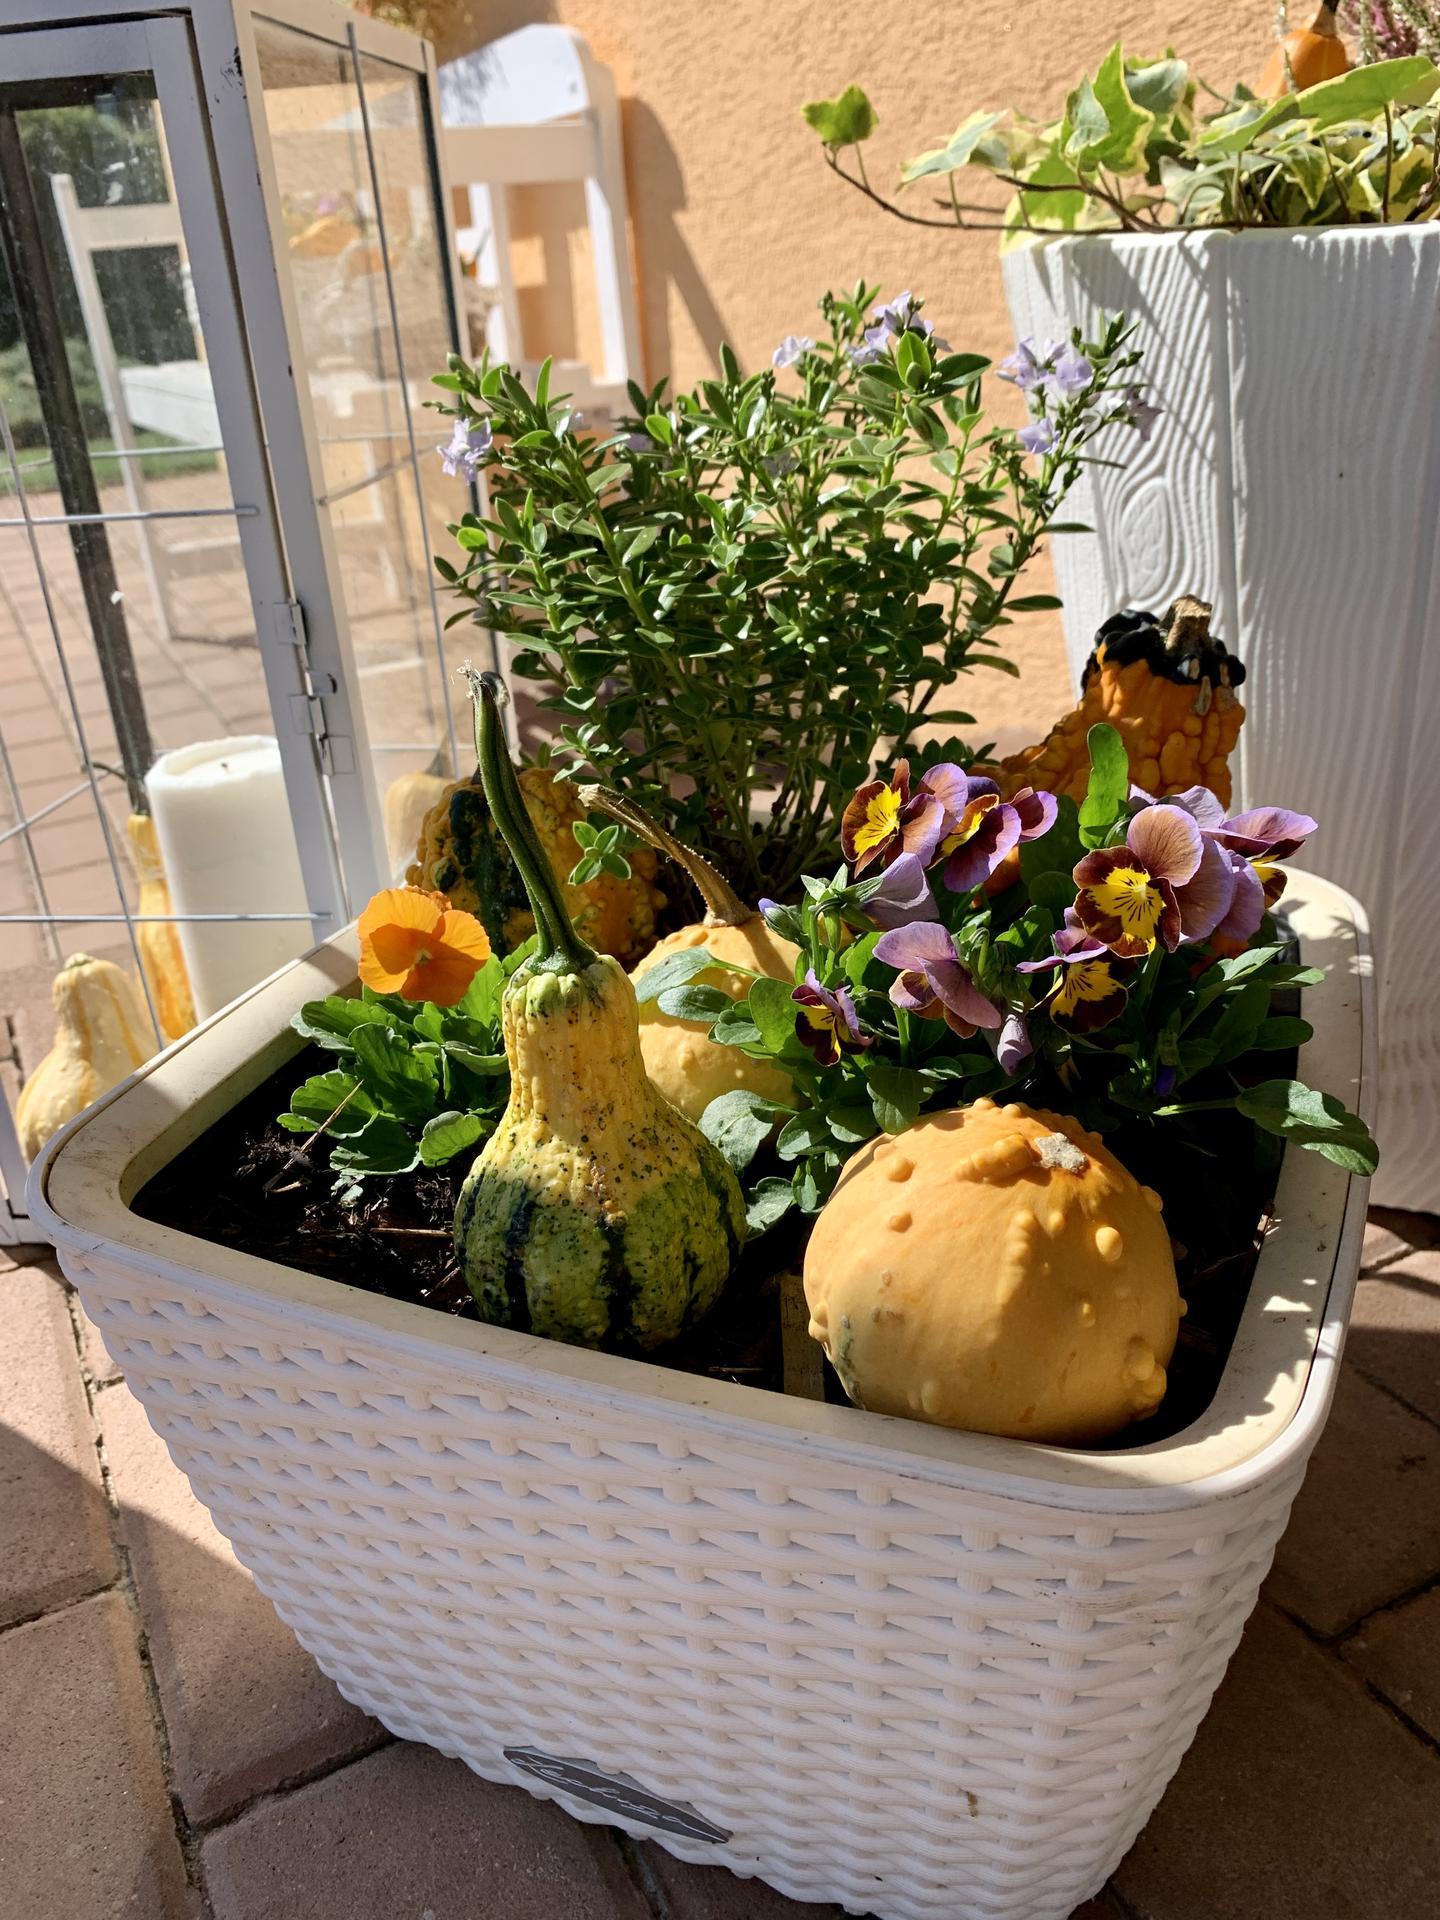 Naše barevná zahrada 🌸 - Před vchodem už podzimní výzdoba 🤗